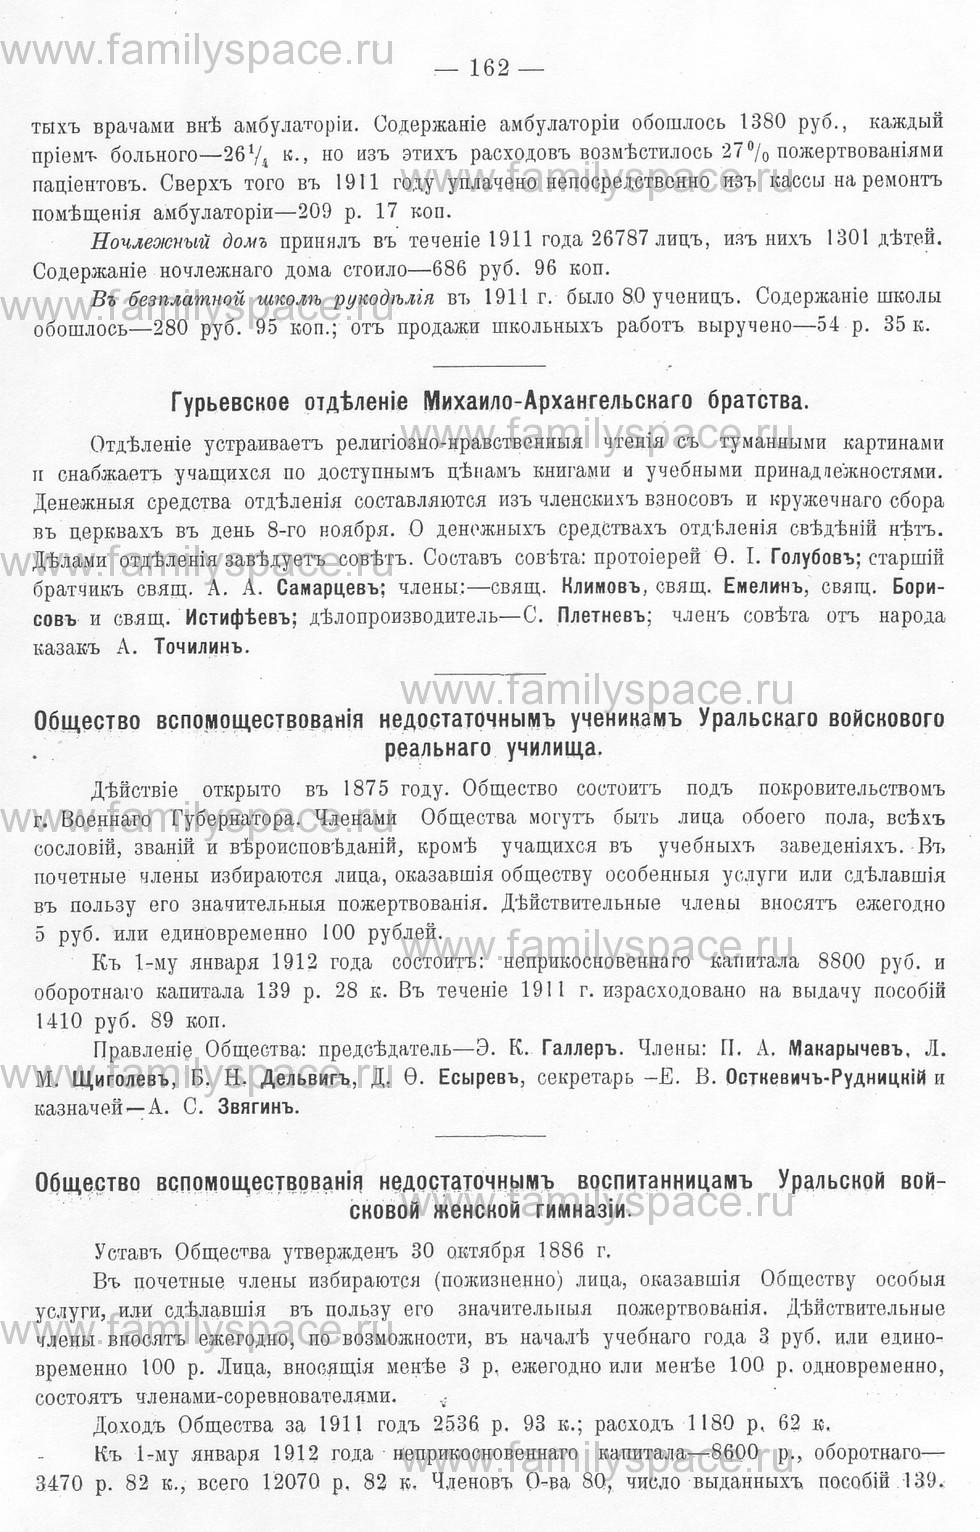 Поиск по фамилии - Памятная книжка Уральской области на 1913 год, страница 162